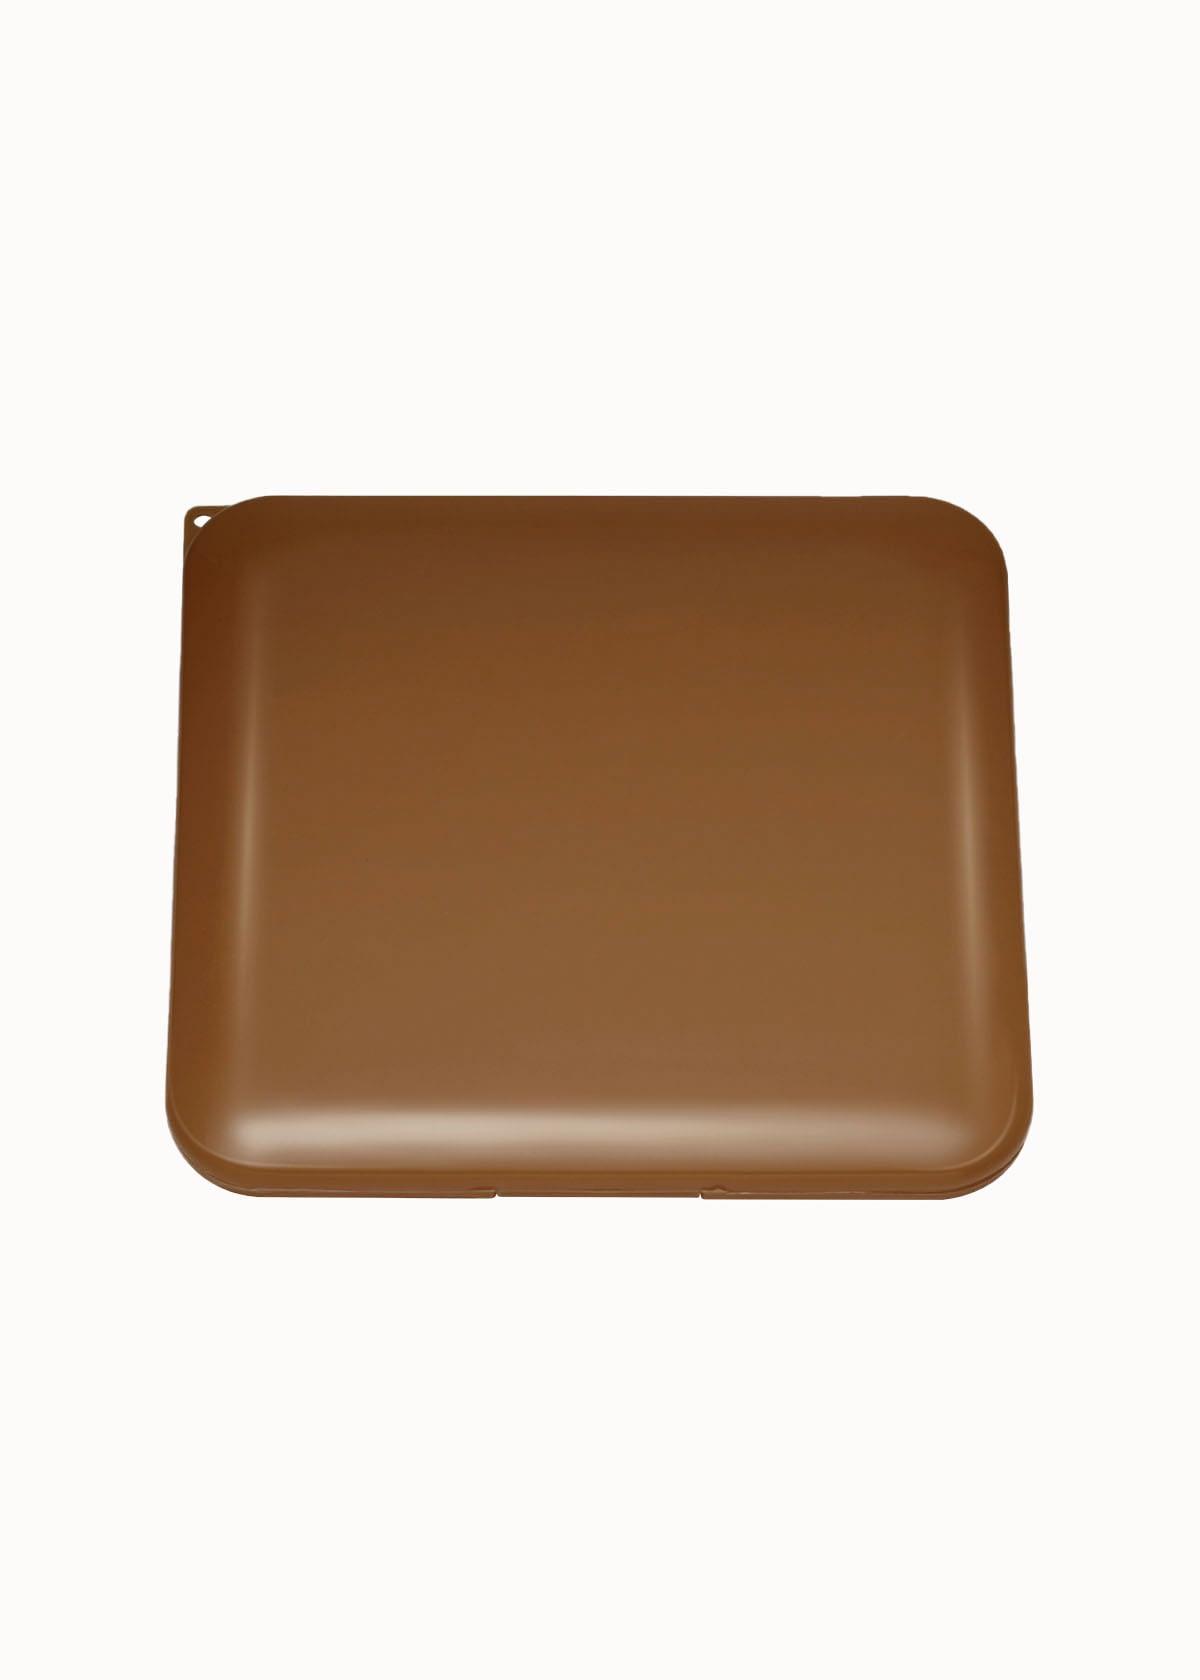 Mondkap case bruin